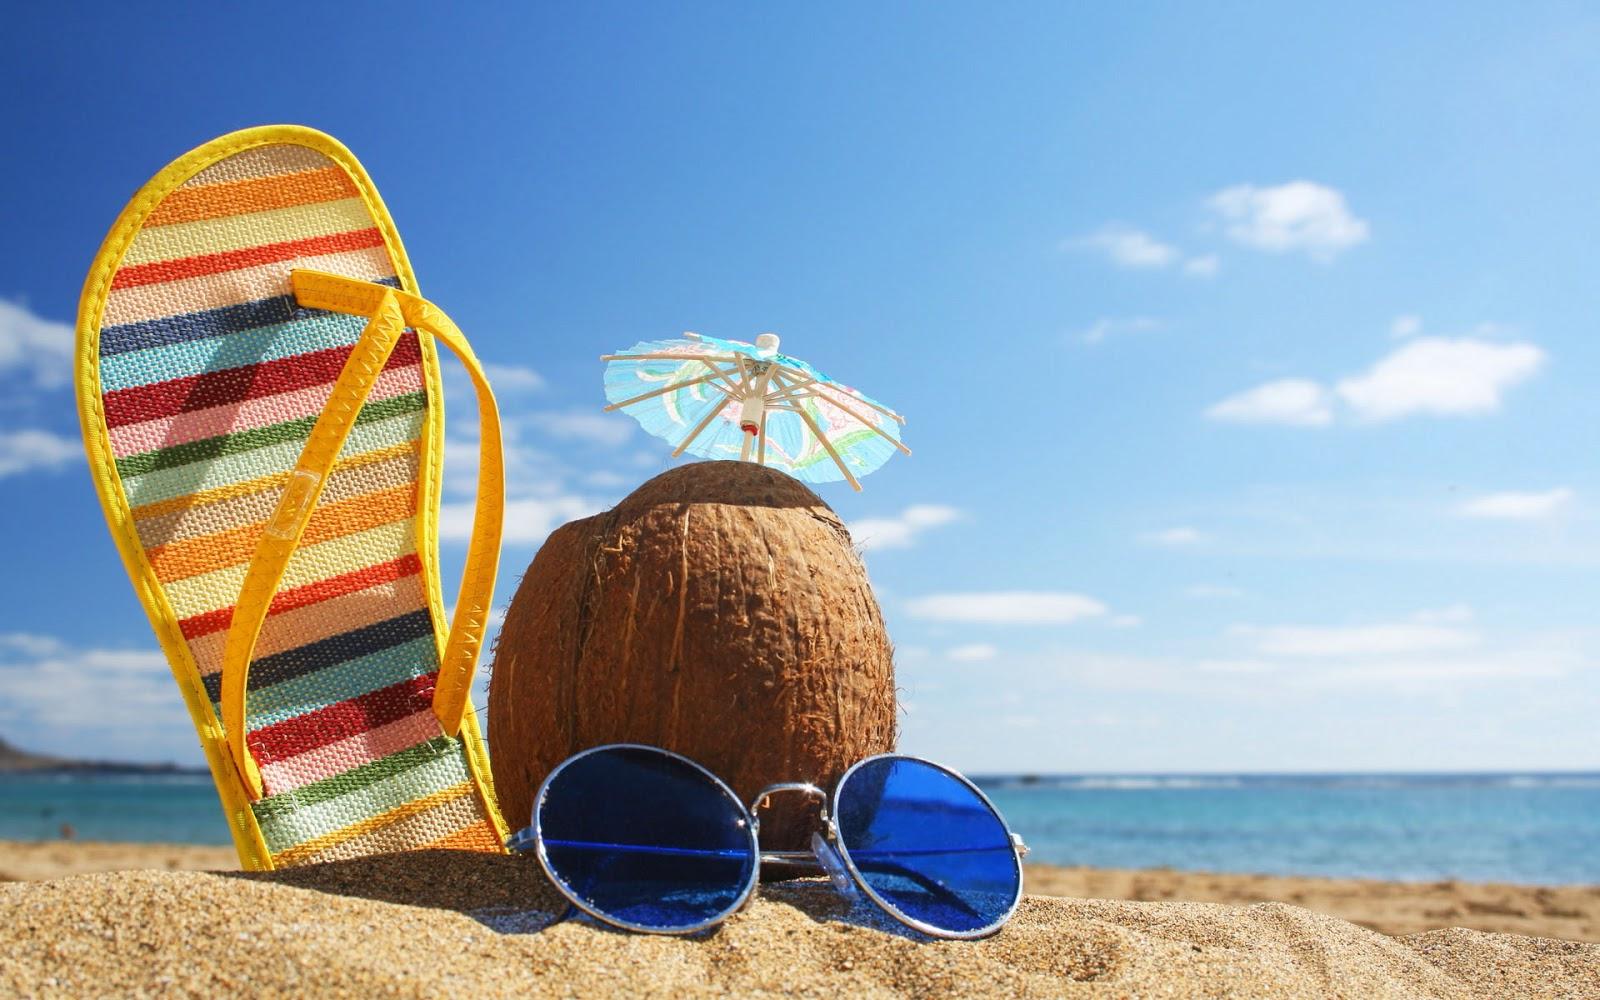 Voorkeur Een vakantie cadeau geven? - Beautyadvies.com AV41